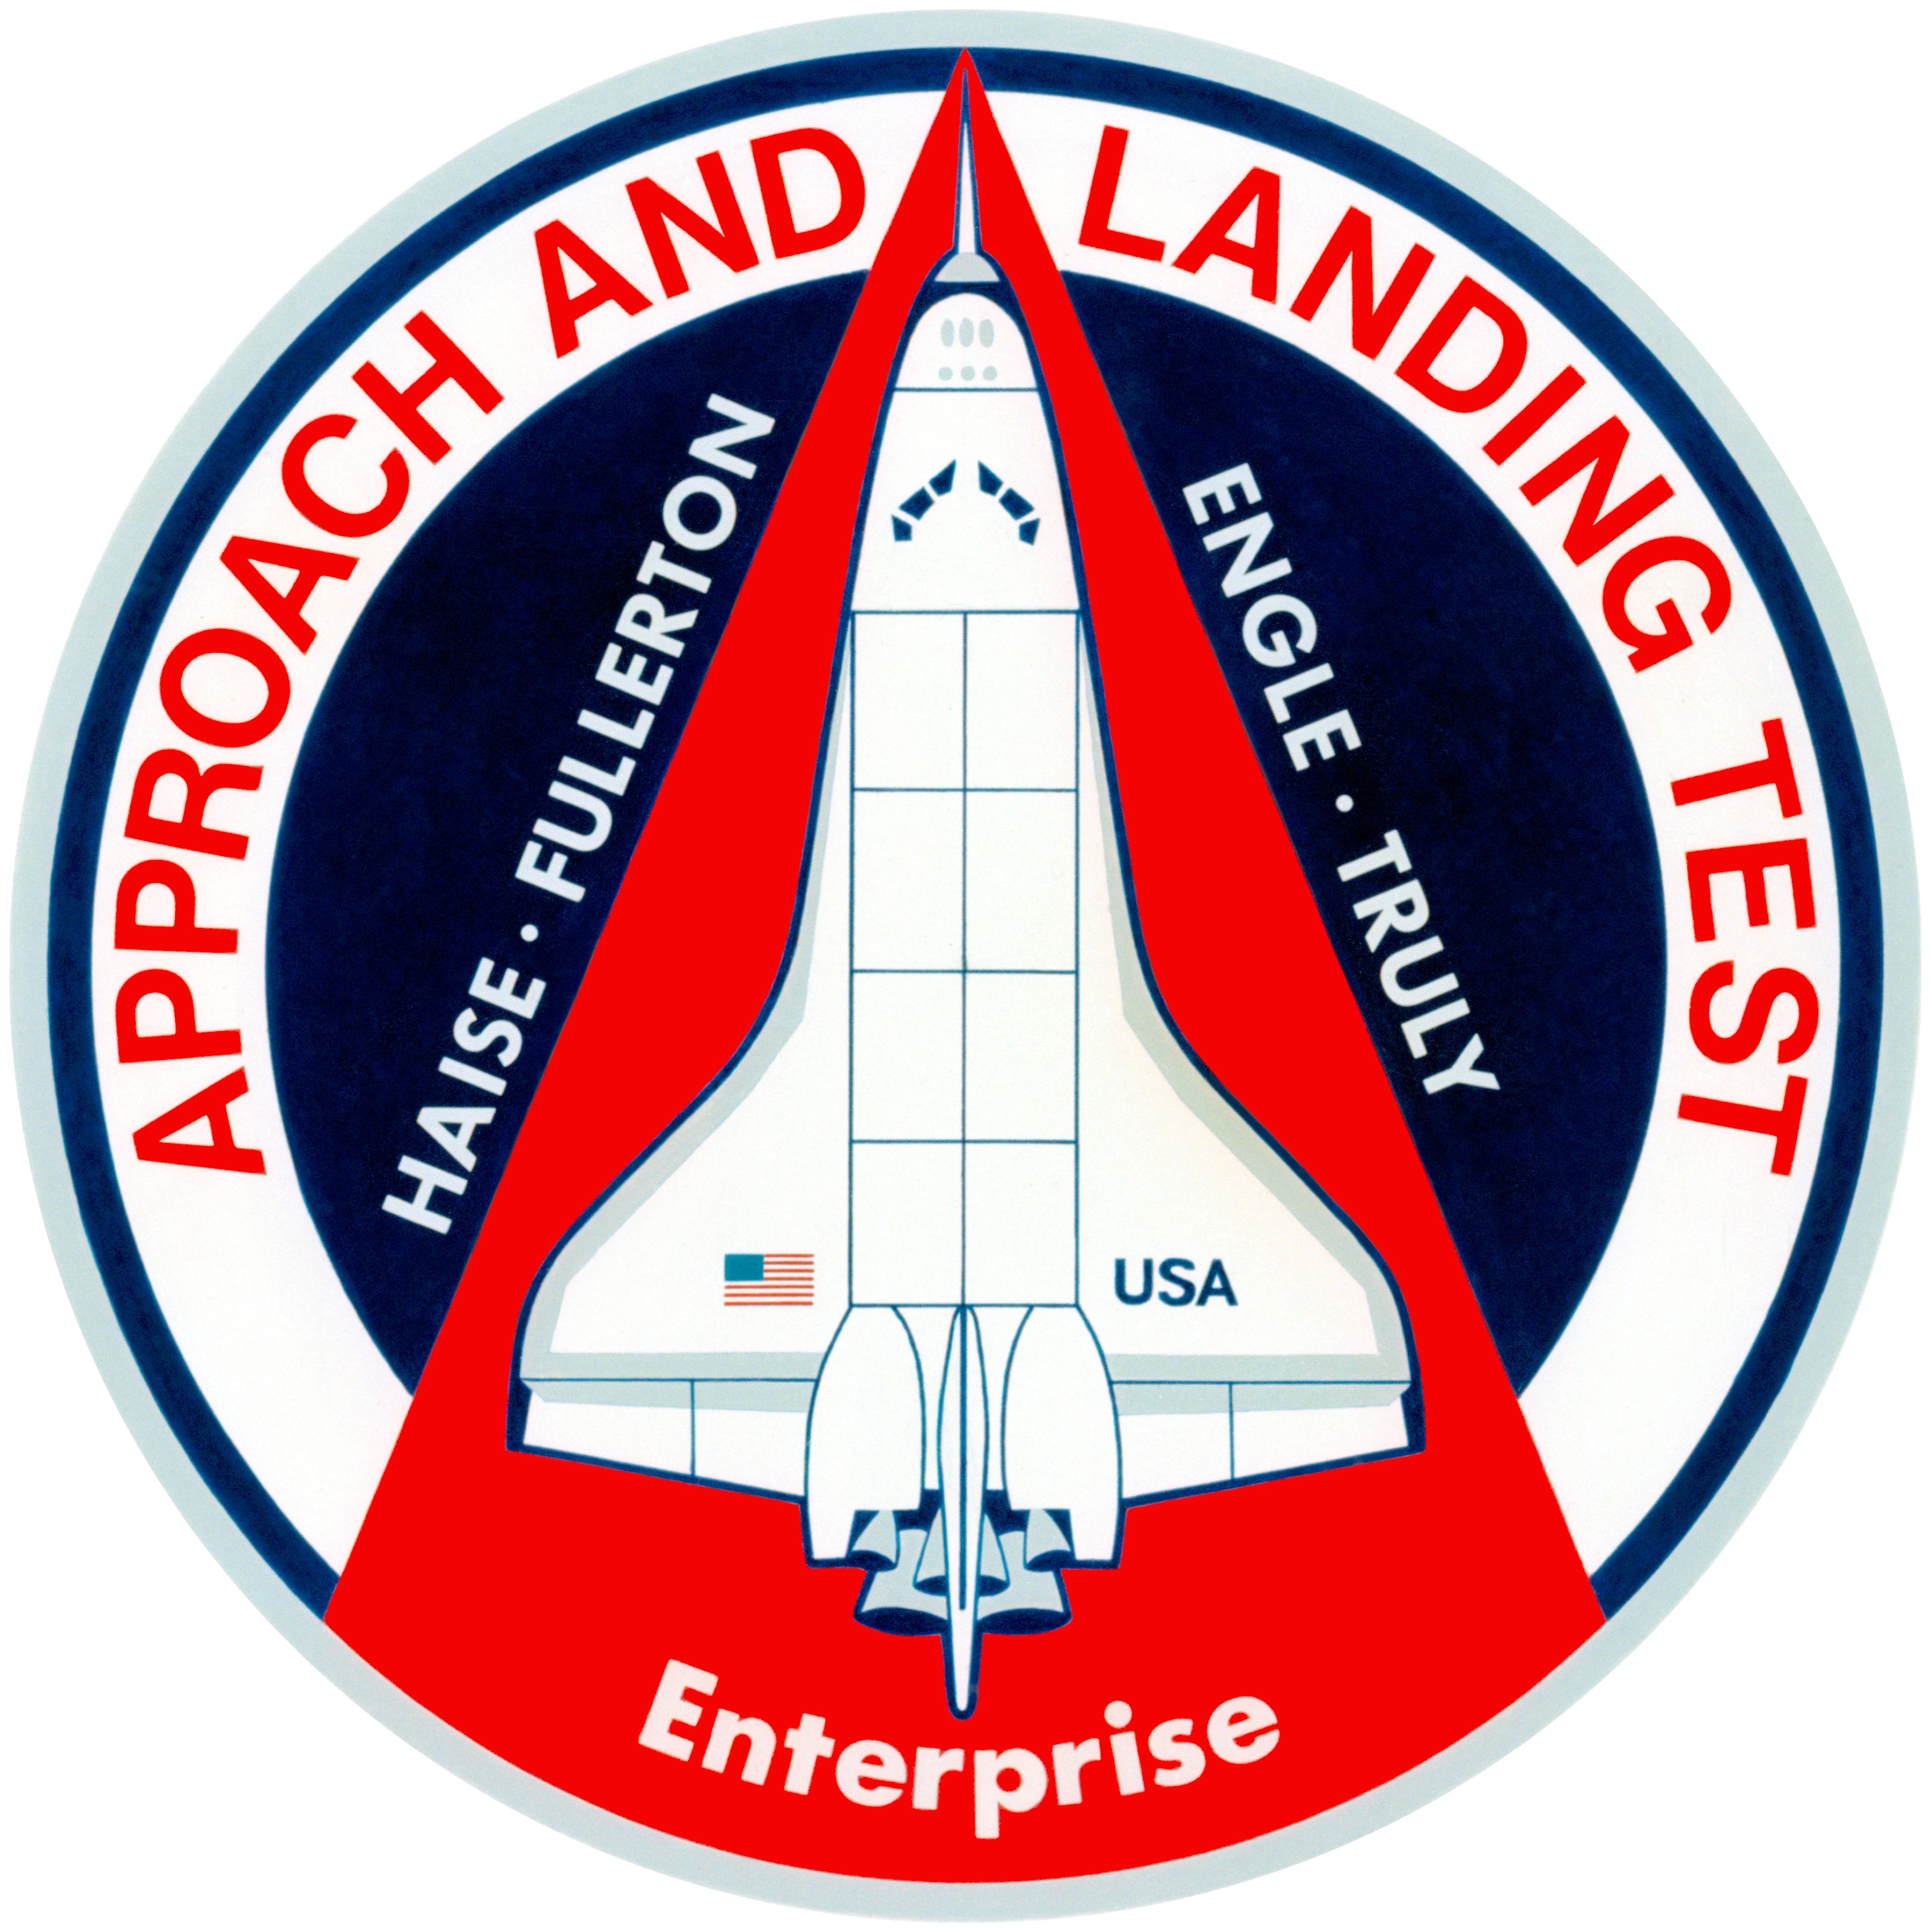 space shuttle enterprise patch - photo #1